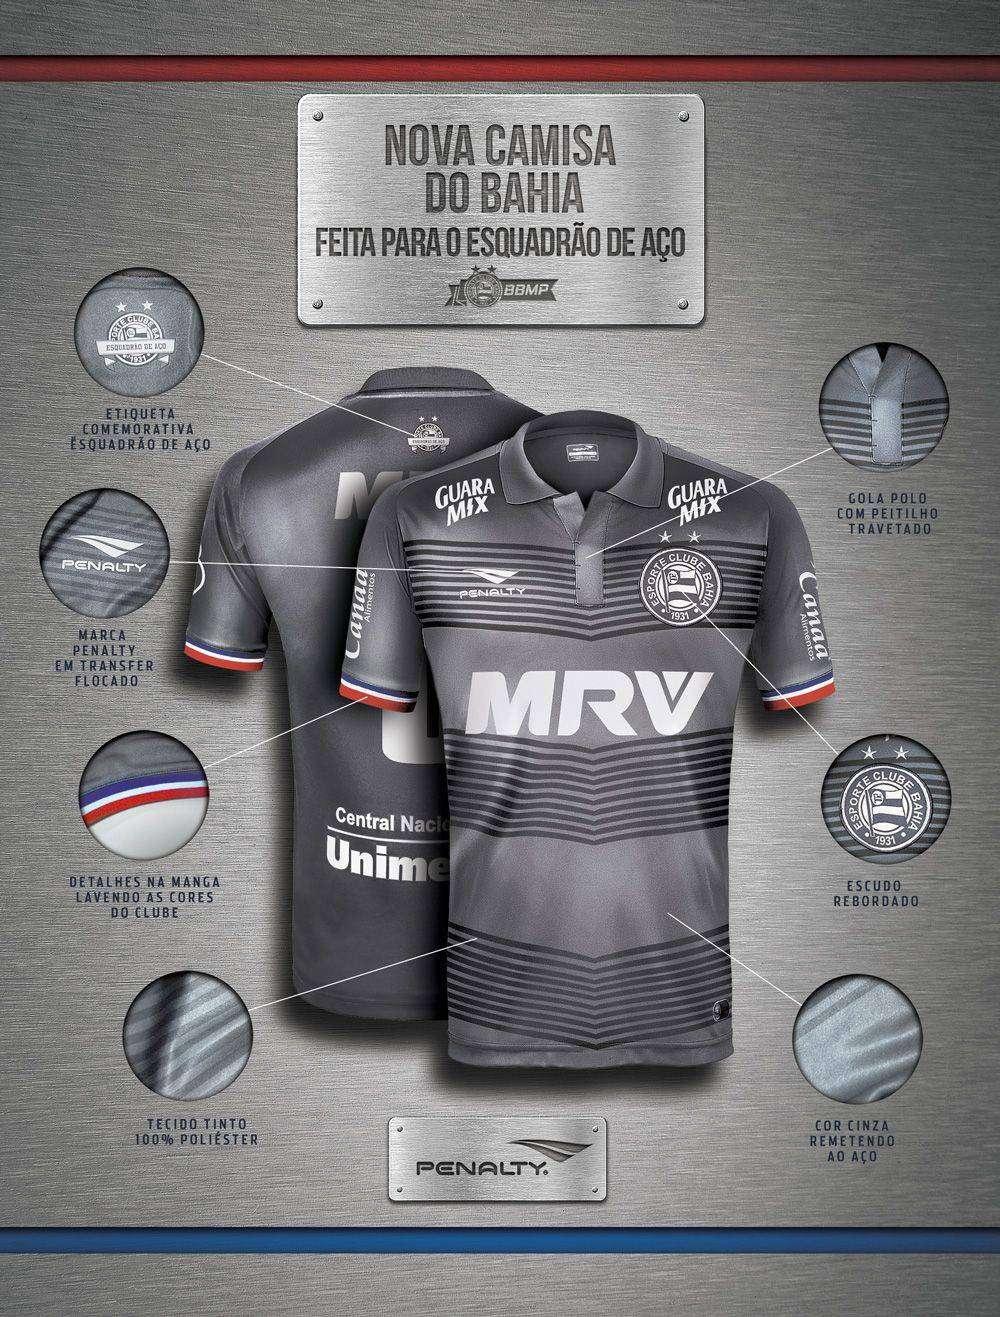 3de9d42fb0 É DE AÇO! - Notícias Esporte Clube Bahia